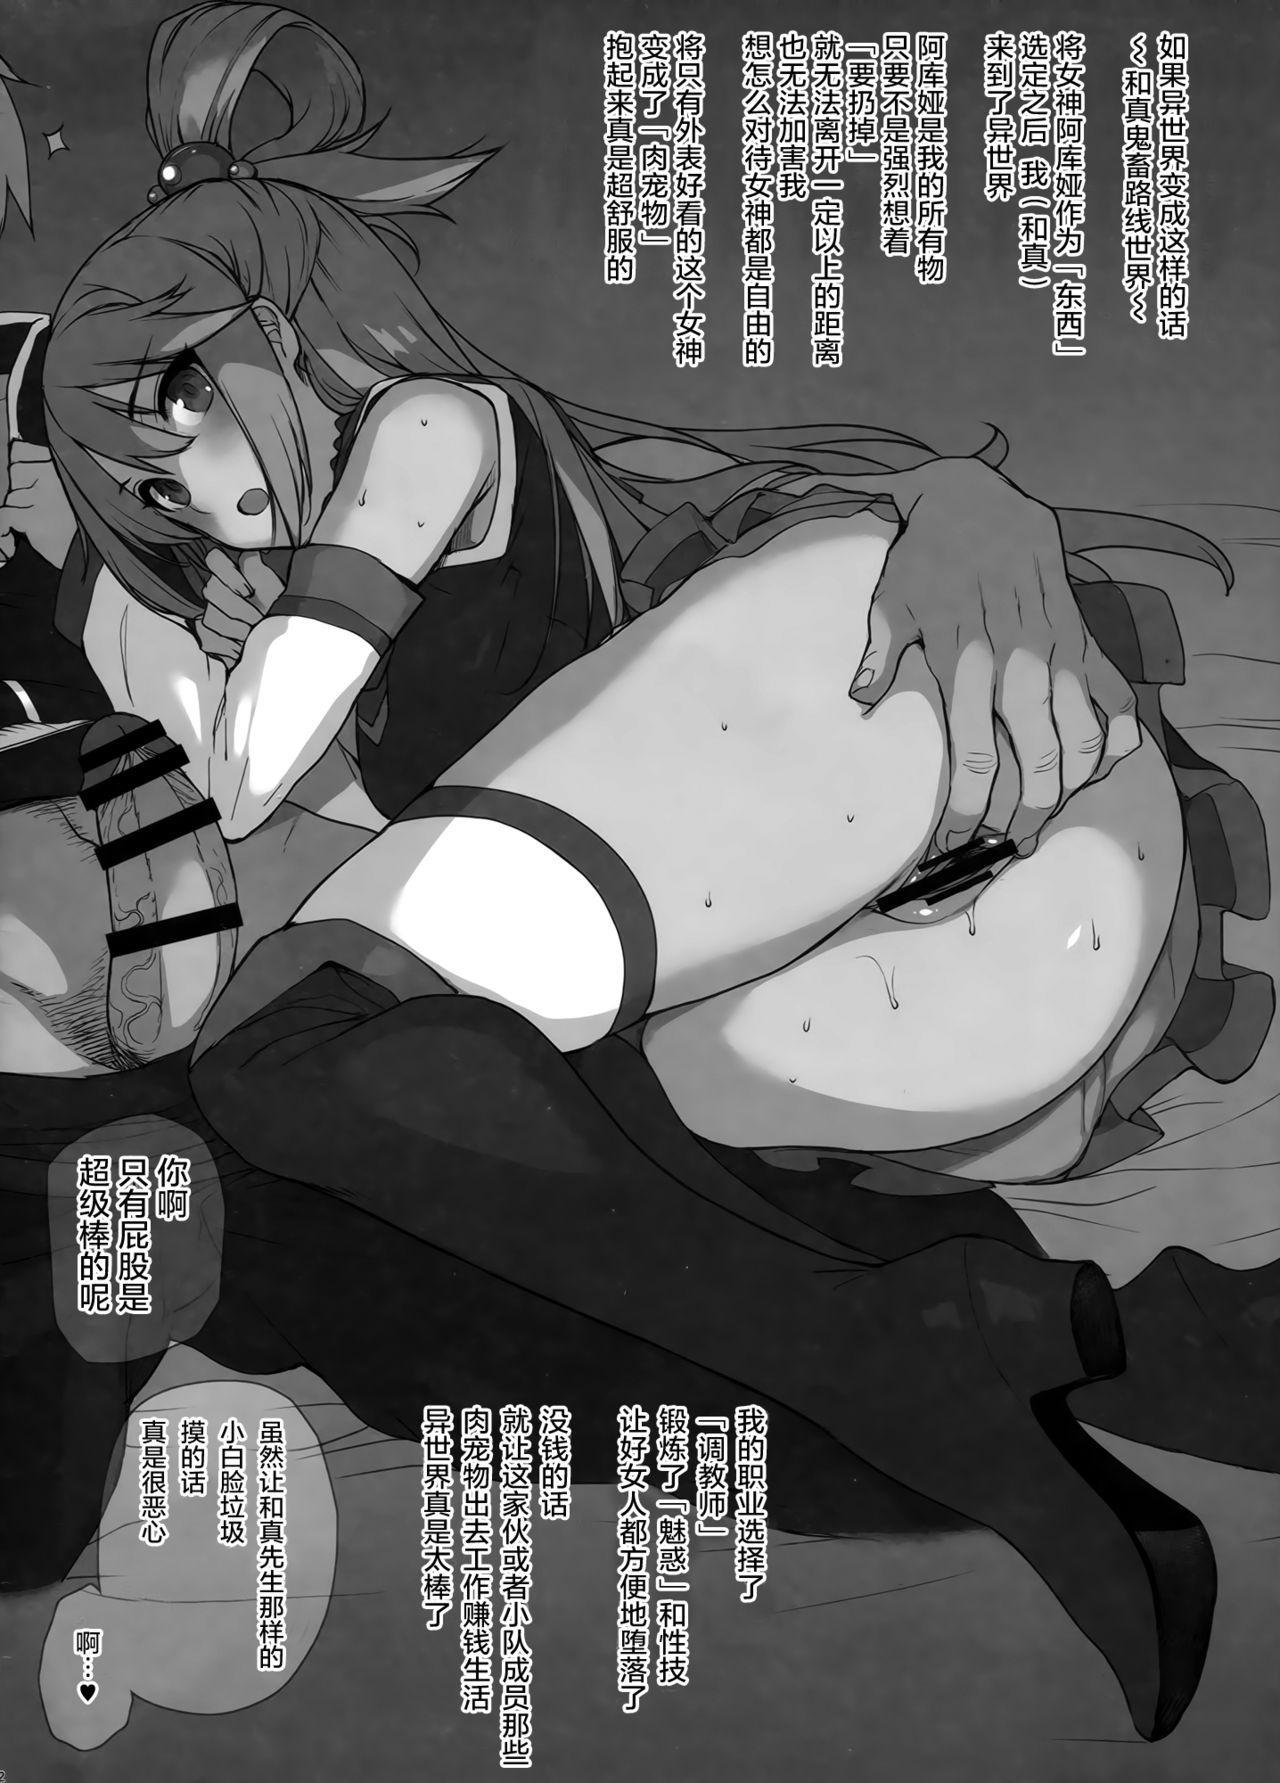 Aqua-sama no Himo! 2